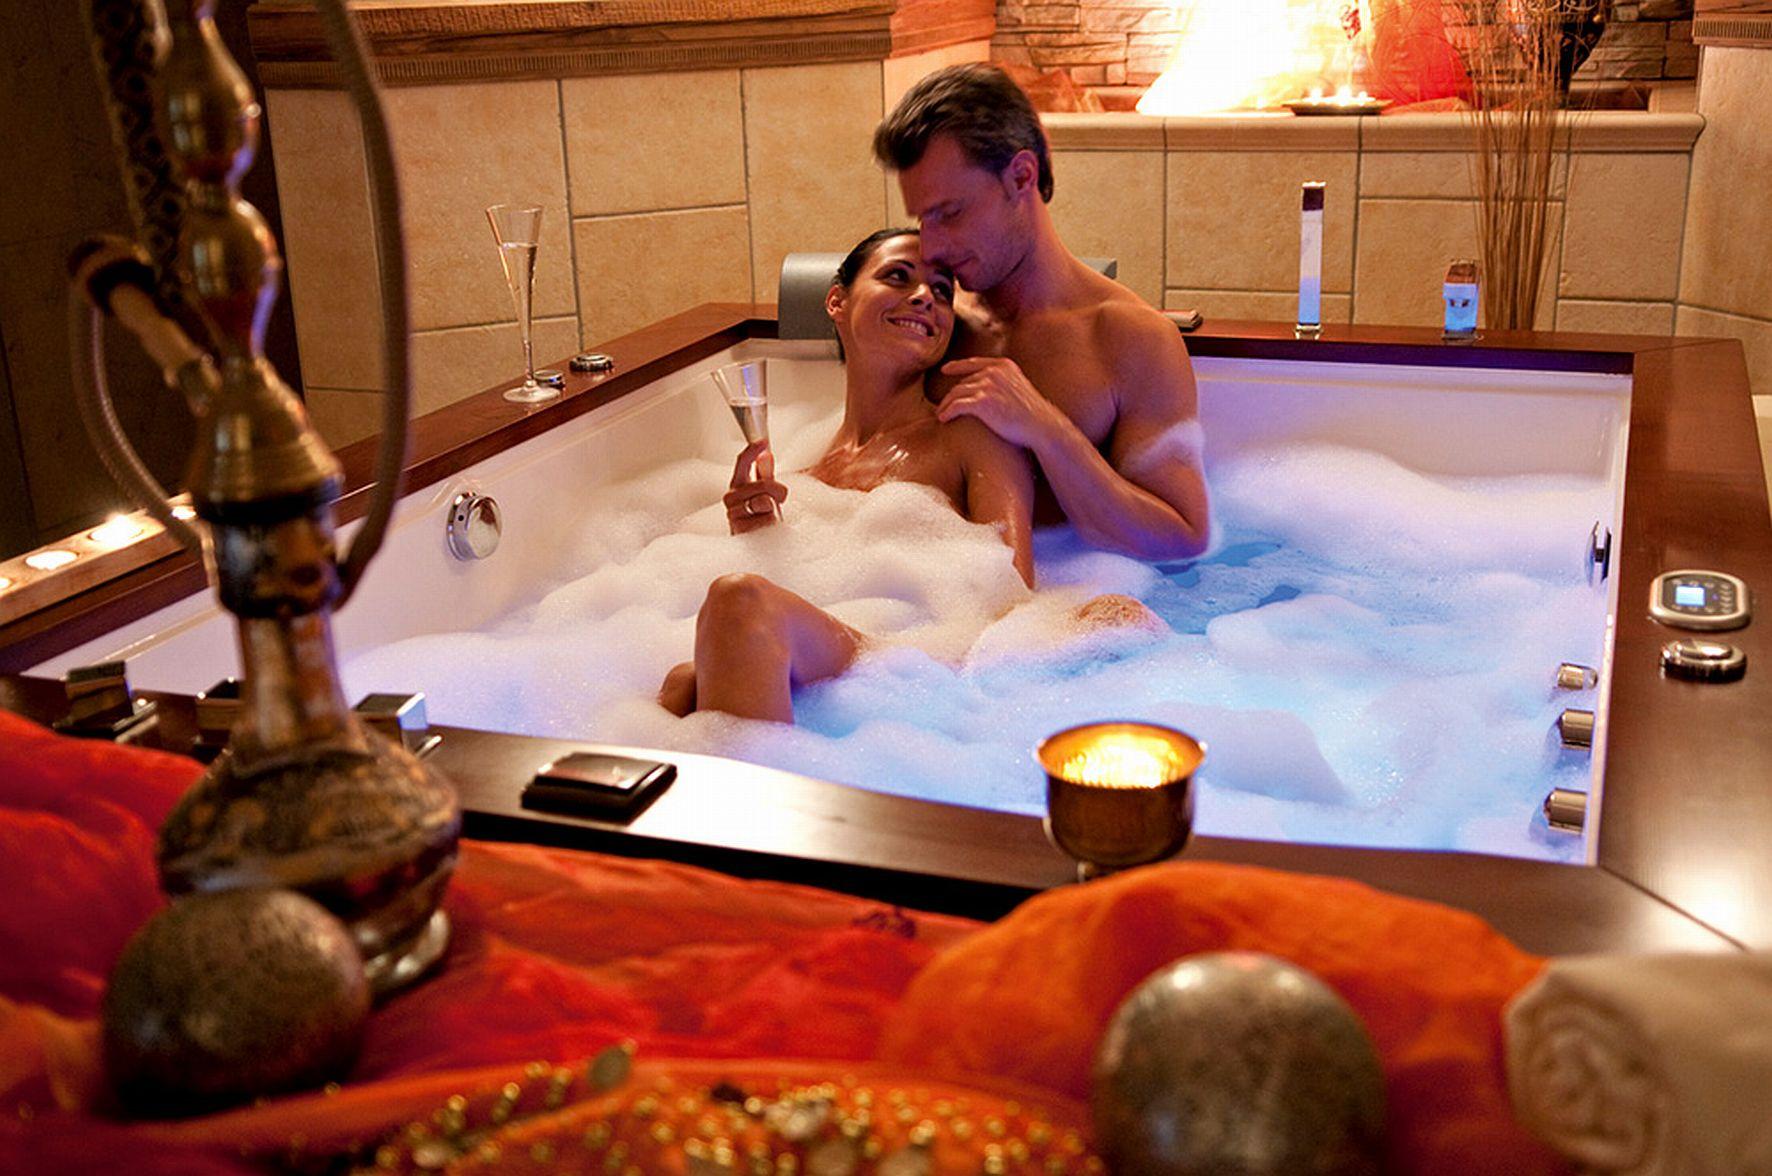 Bagno Romantico In Due vacanze romantiche in alto adige